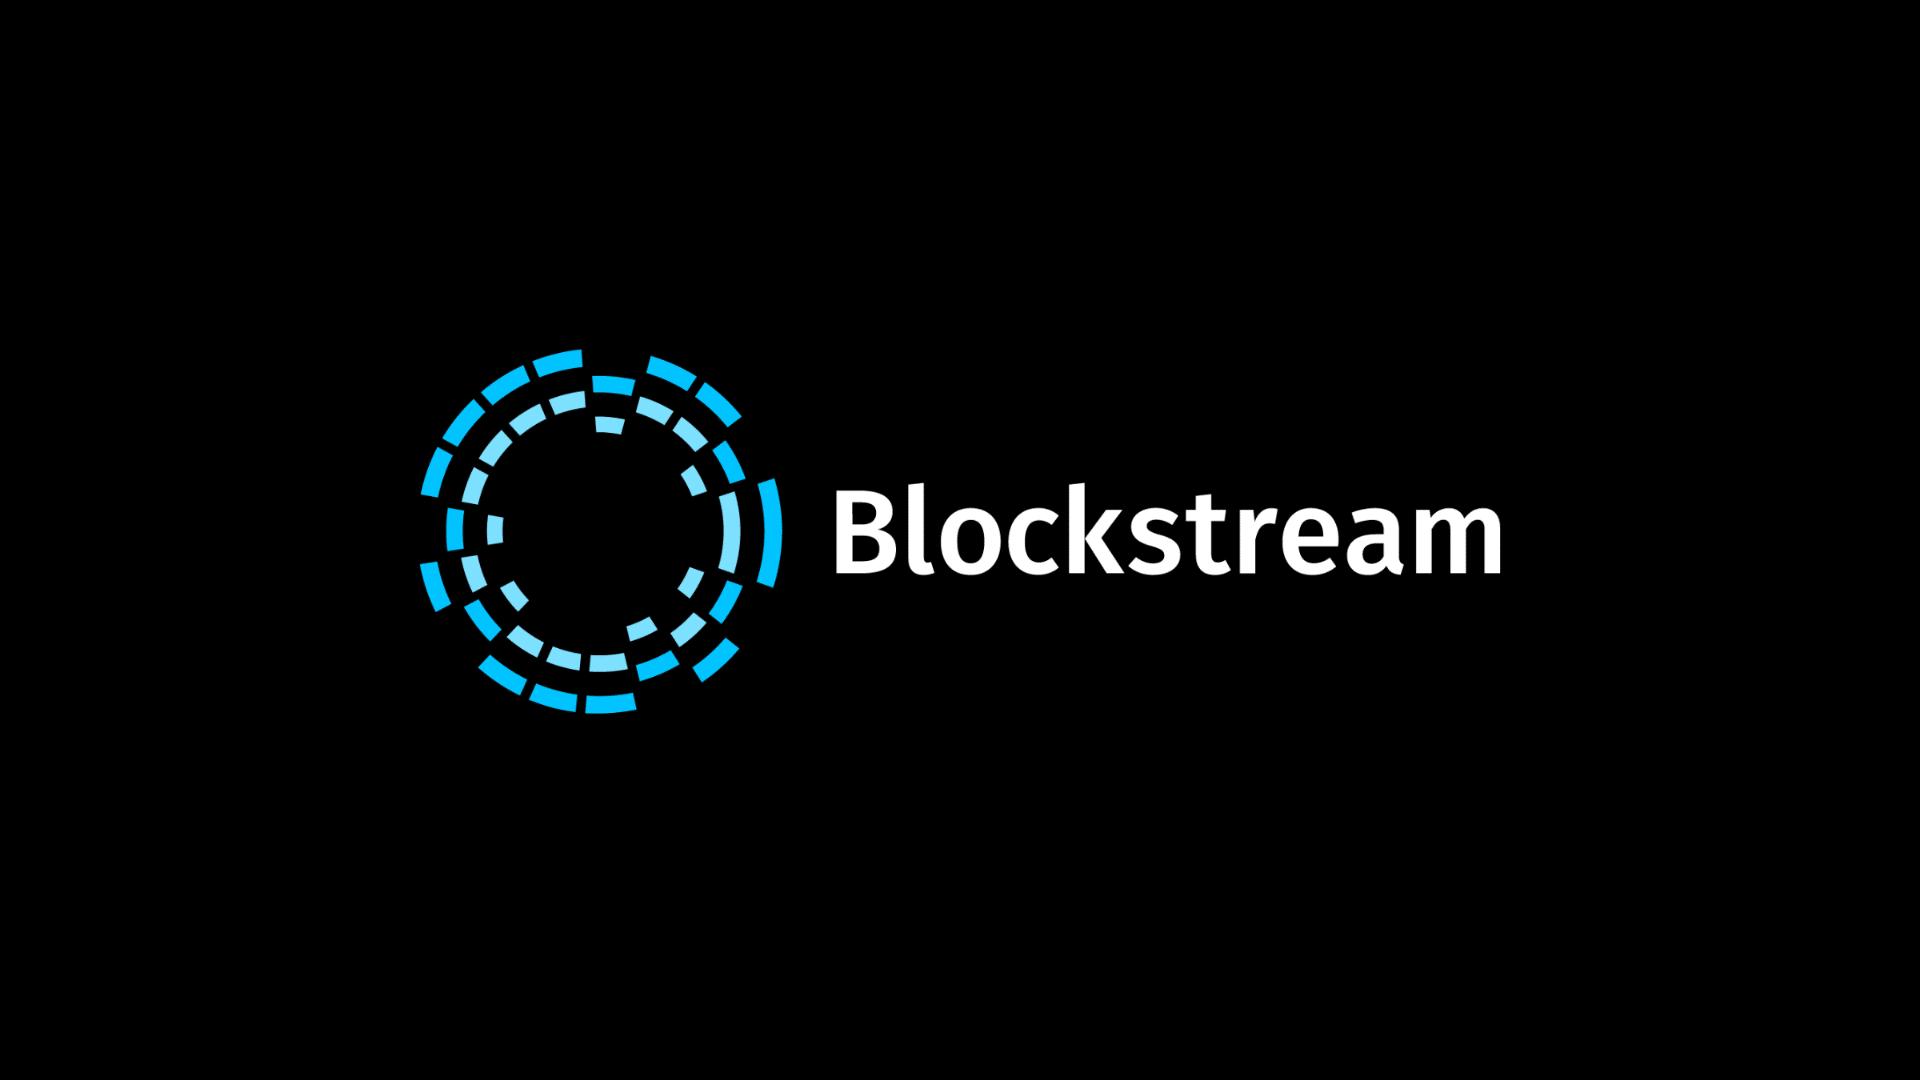 Blockstream raccoglie $ 210 milioni per il mining Bitcoin con ASIC